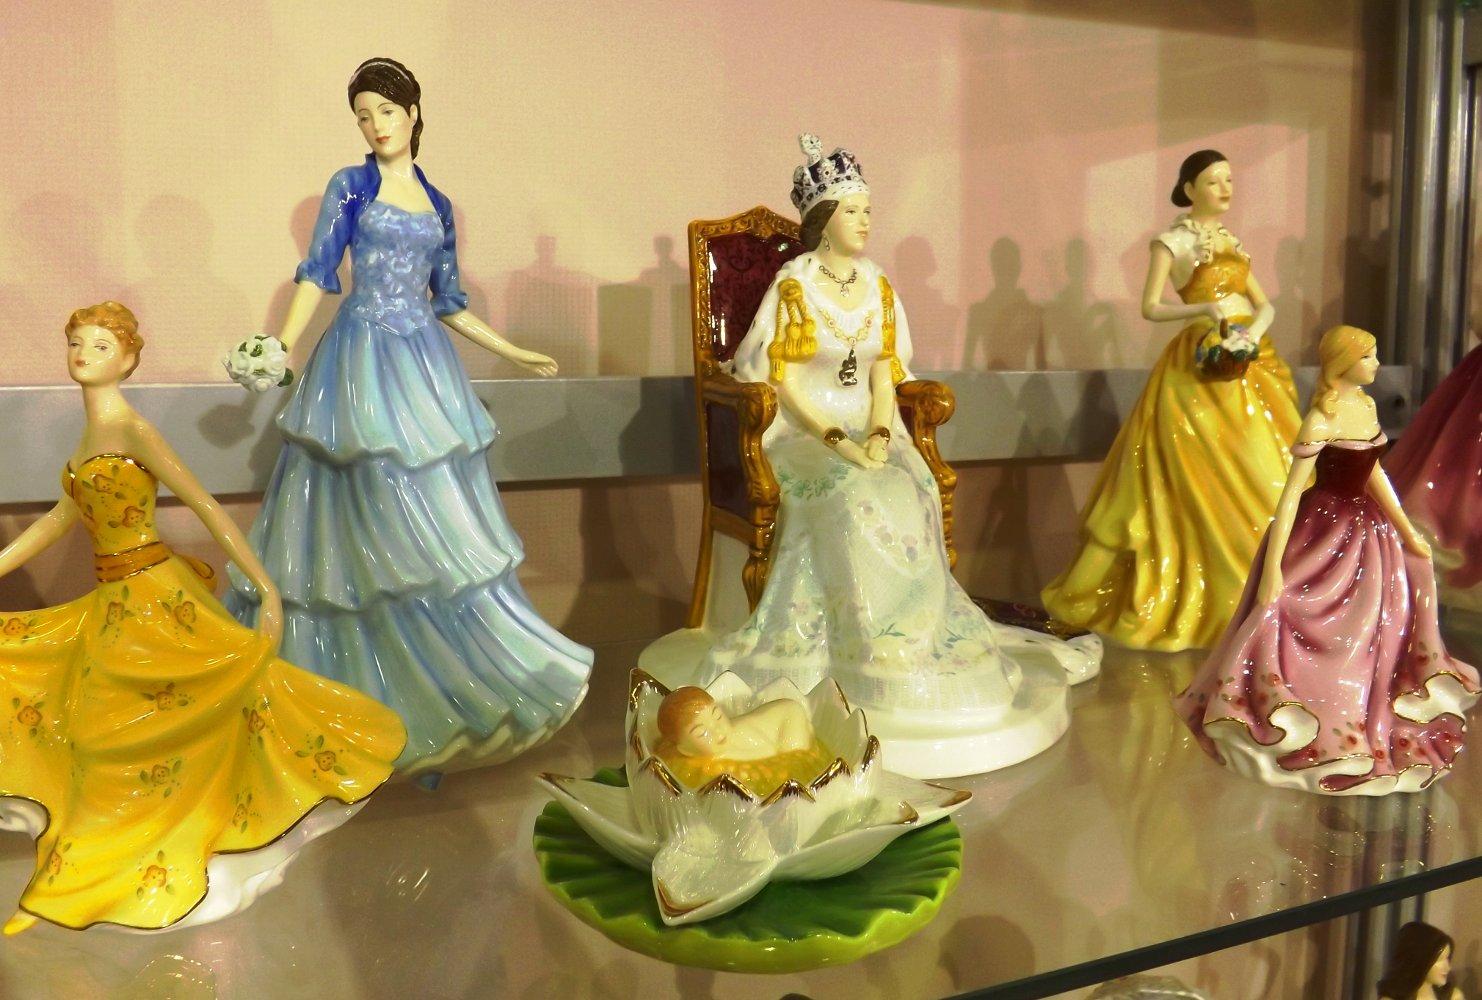 Фарфоровые статуэтки от English Ladies. Выставка HouseHold Expo в Москве, сентябрь 2013 г.